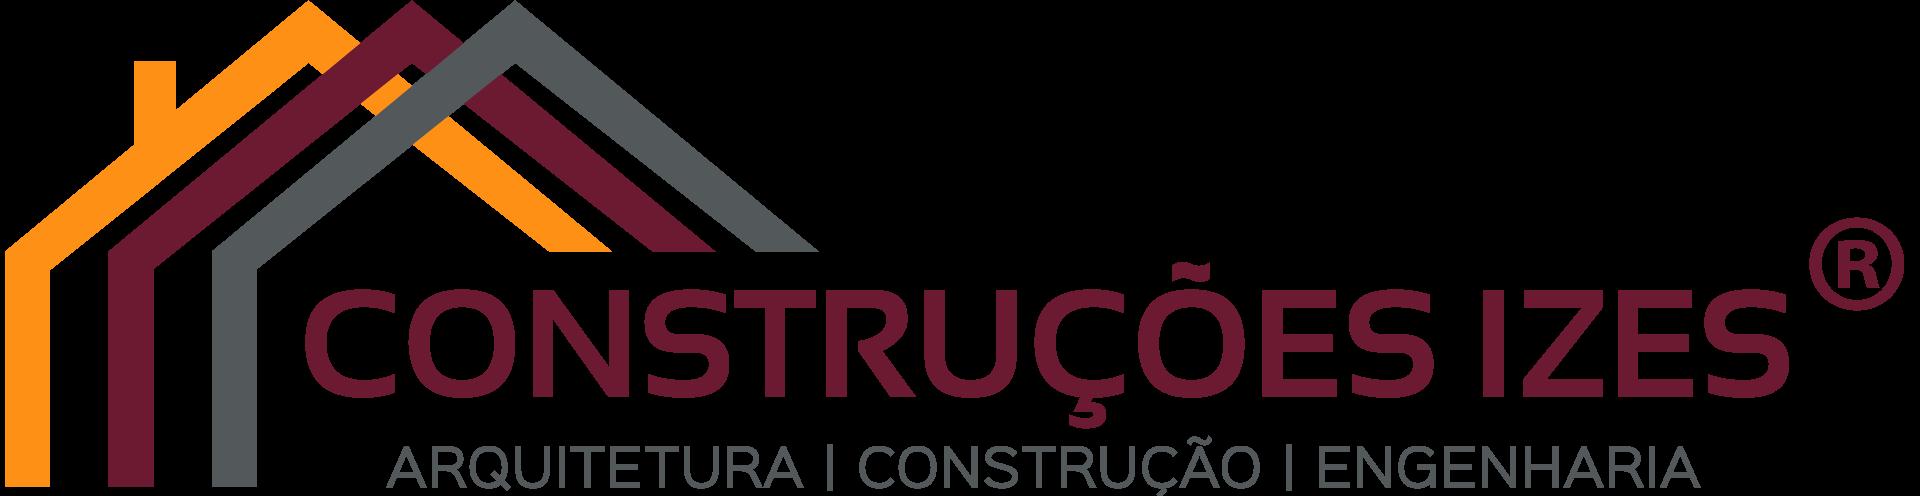 Logótipo Construções Izes